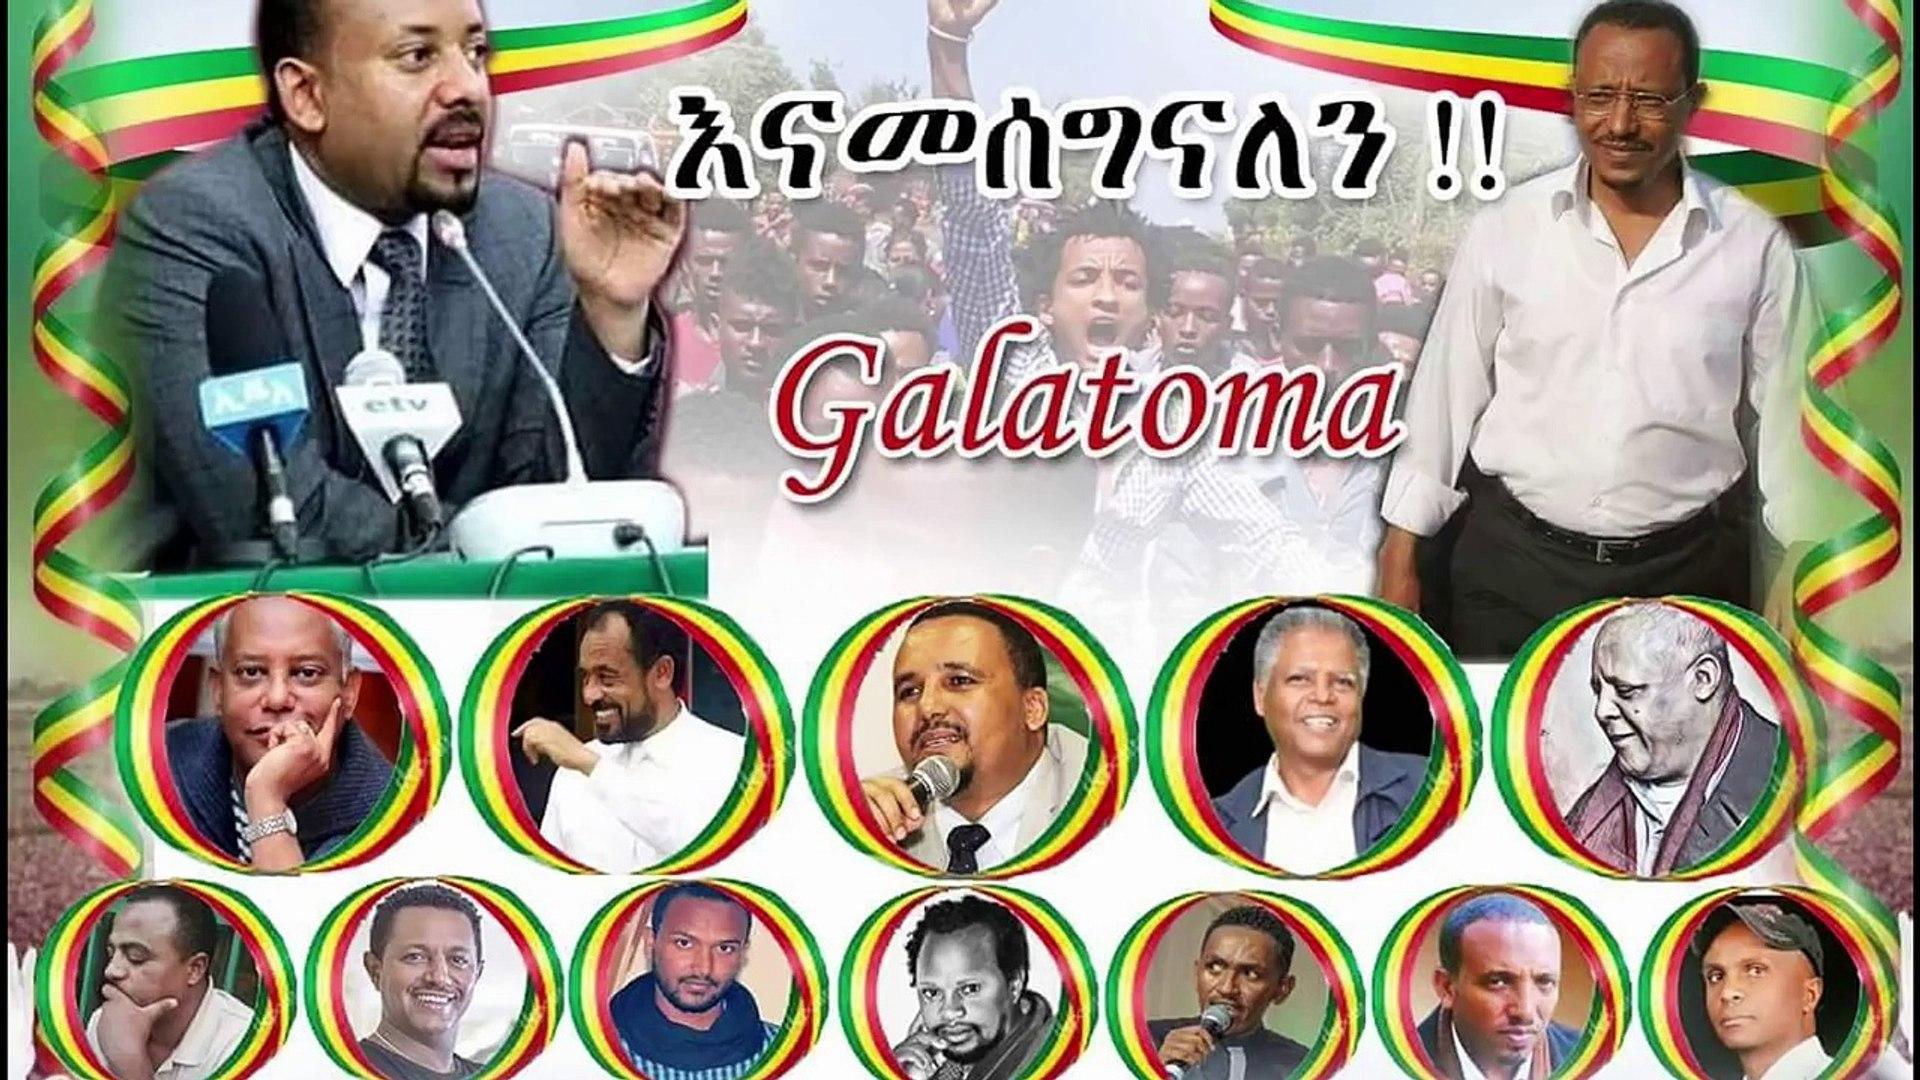 Ethiopian Music: መስፍን በቀለ ለጠቅላይ ሚኒስተር ዶ/ር አብይ አሀመድ የዘፈነለት ነጠላ ዜማ( የሰላም መሪ) New Ethiopian Music 2018.